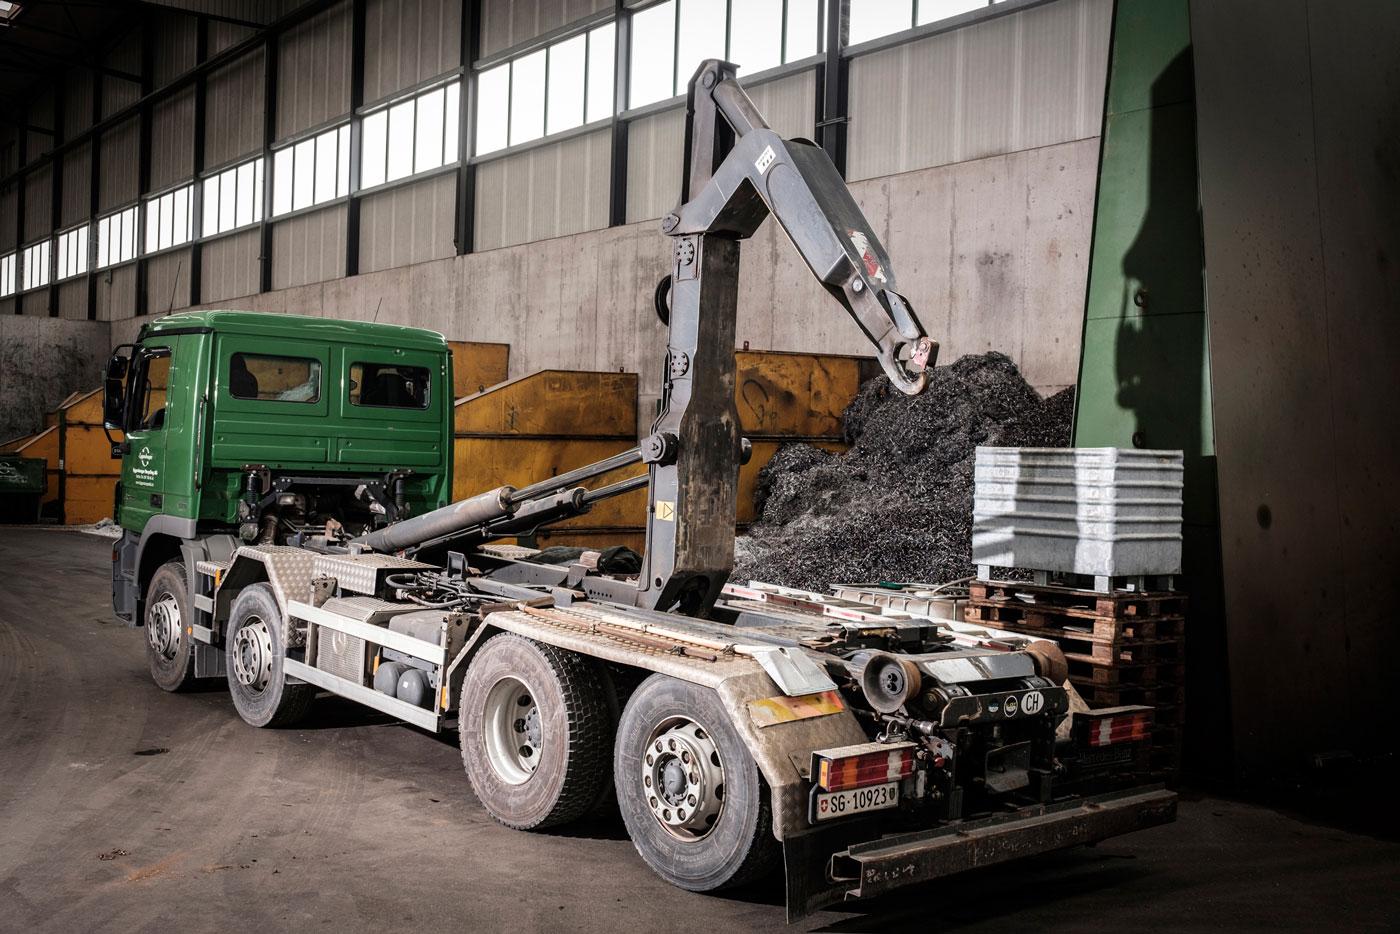 Grüner Lastwagen mit UT-Abrollkipper Saurier in Industriehalle.